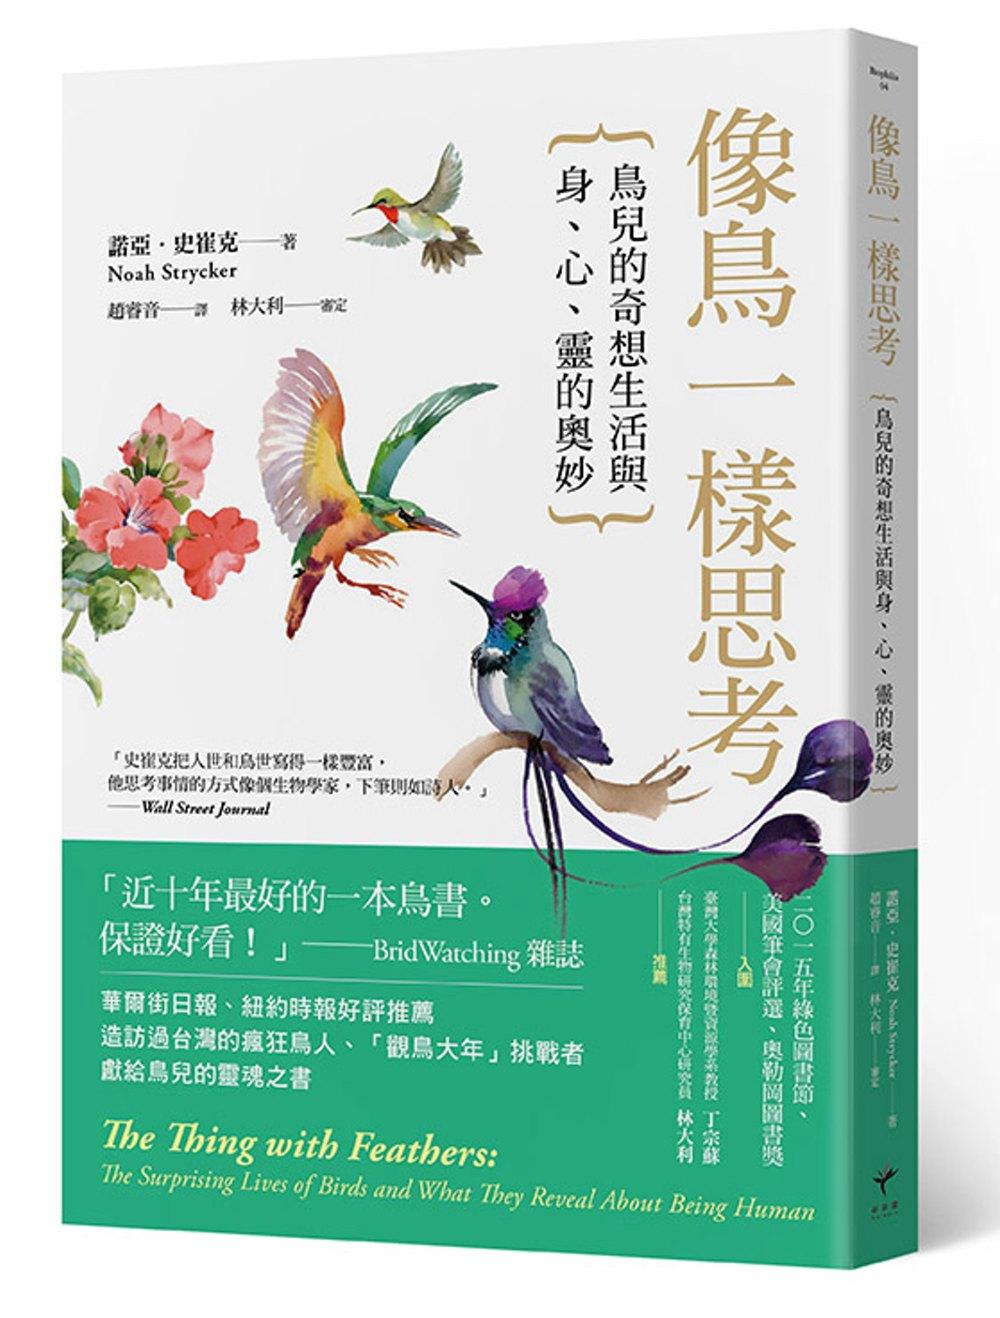 像鳥一樣思考:鳥兒的奇想生活與身、心、靈的奧妙